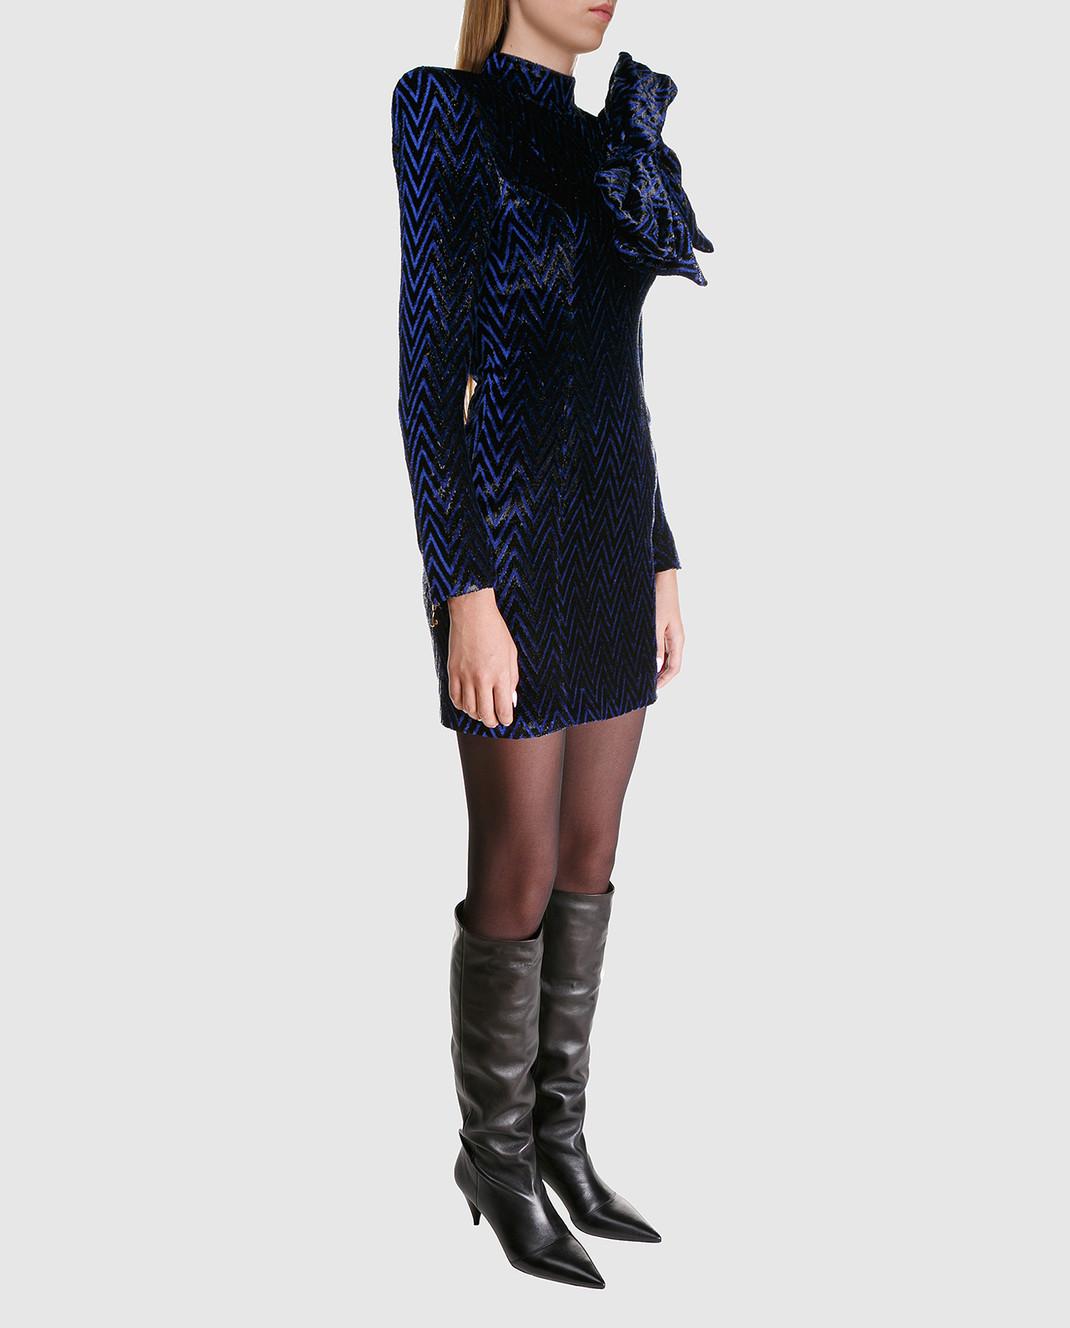 Balmain Синее платье с блестками 143140 изображение 2